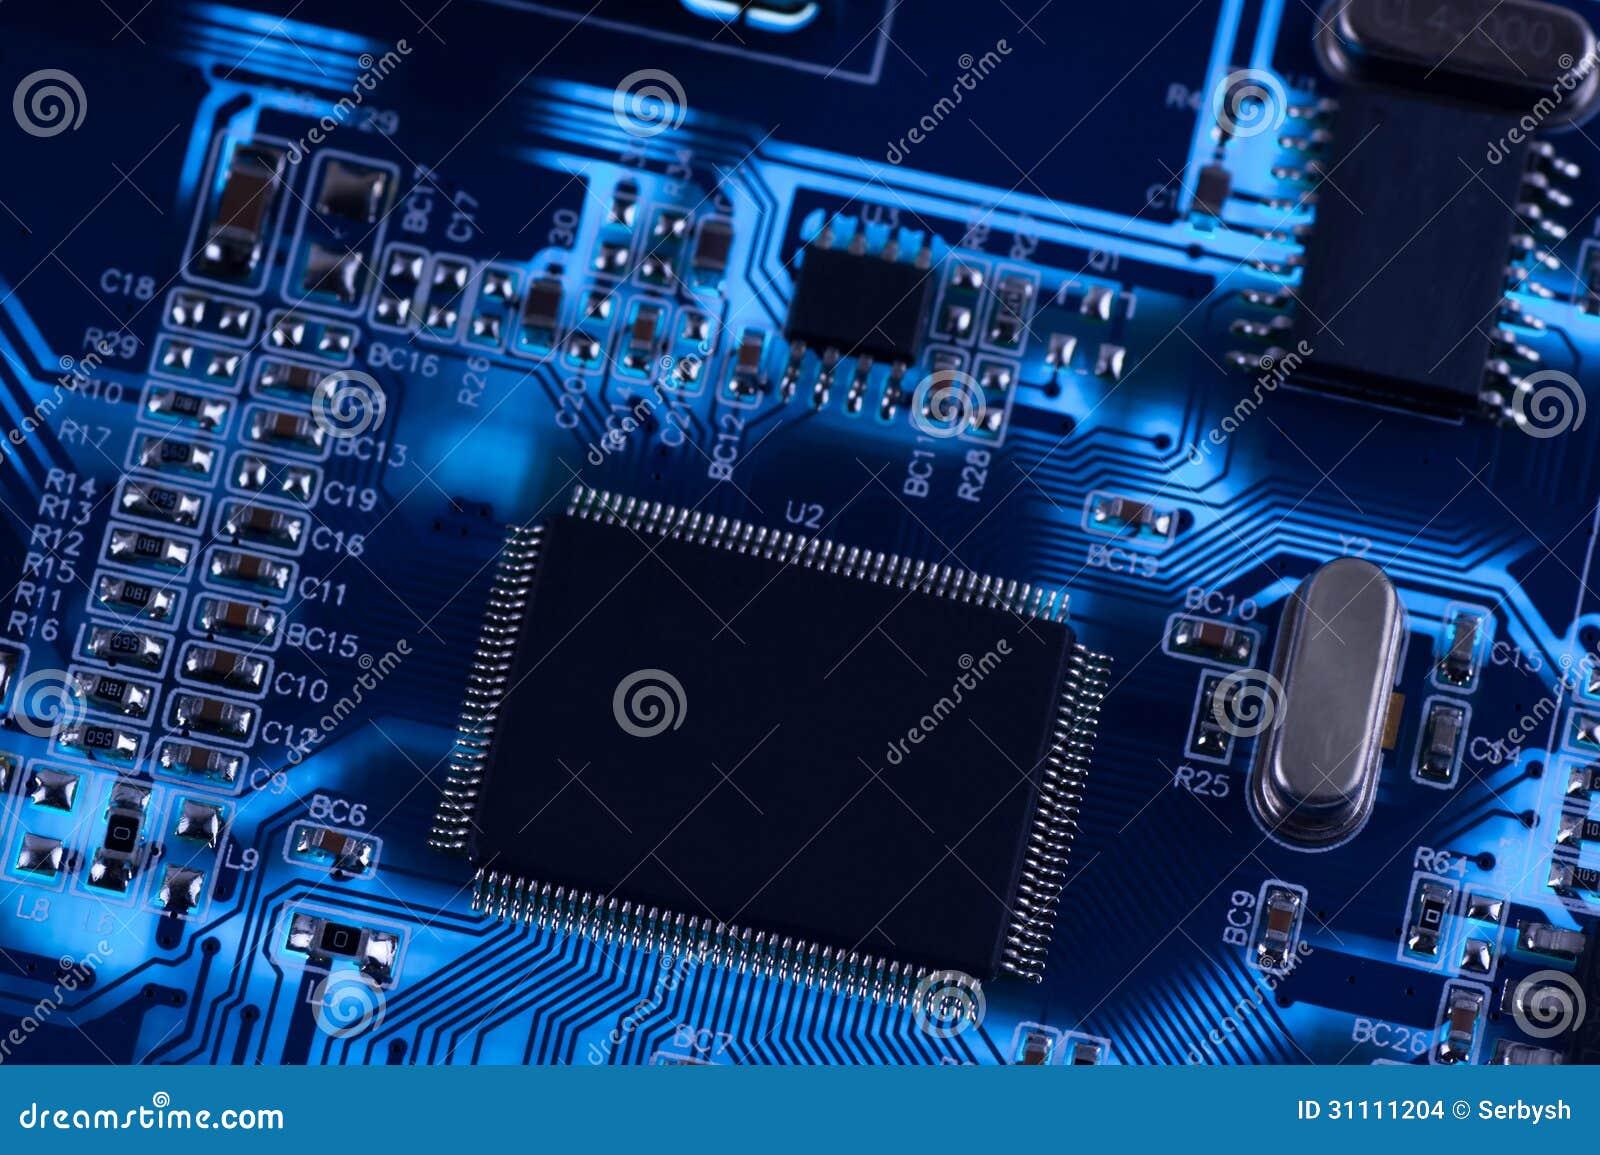 Circuito Electronico : Foto macra del circuito electrónico pwb en la iluminación foto